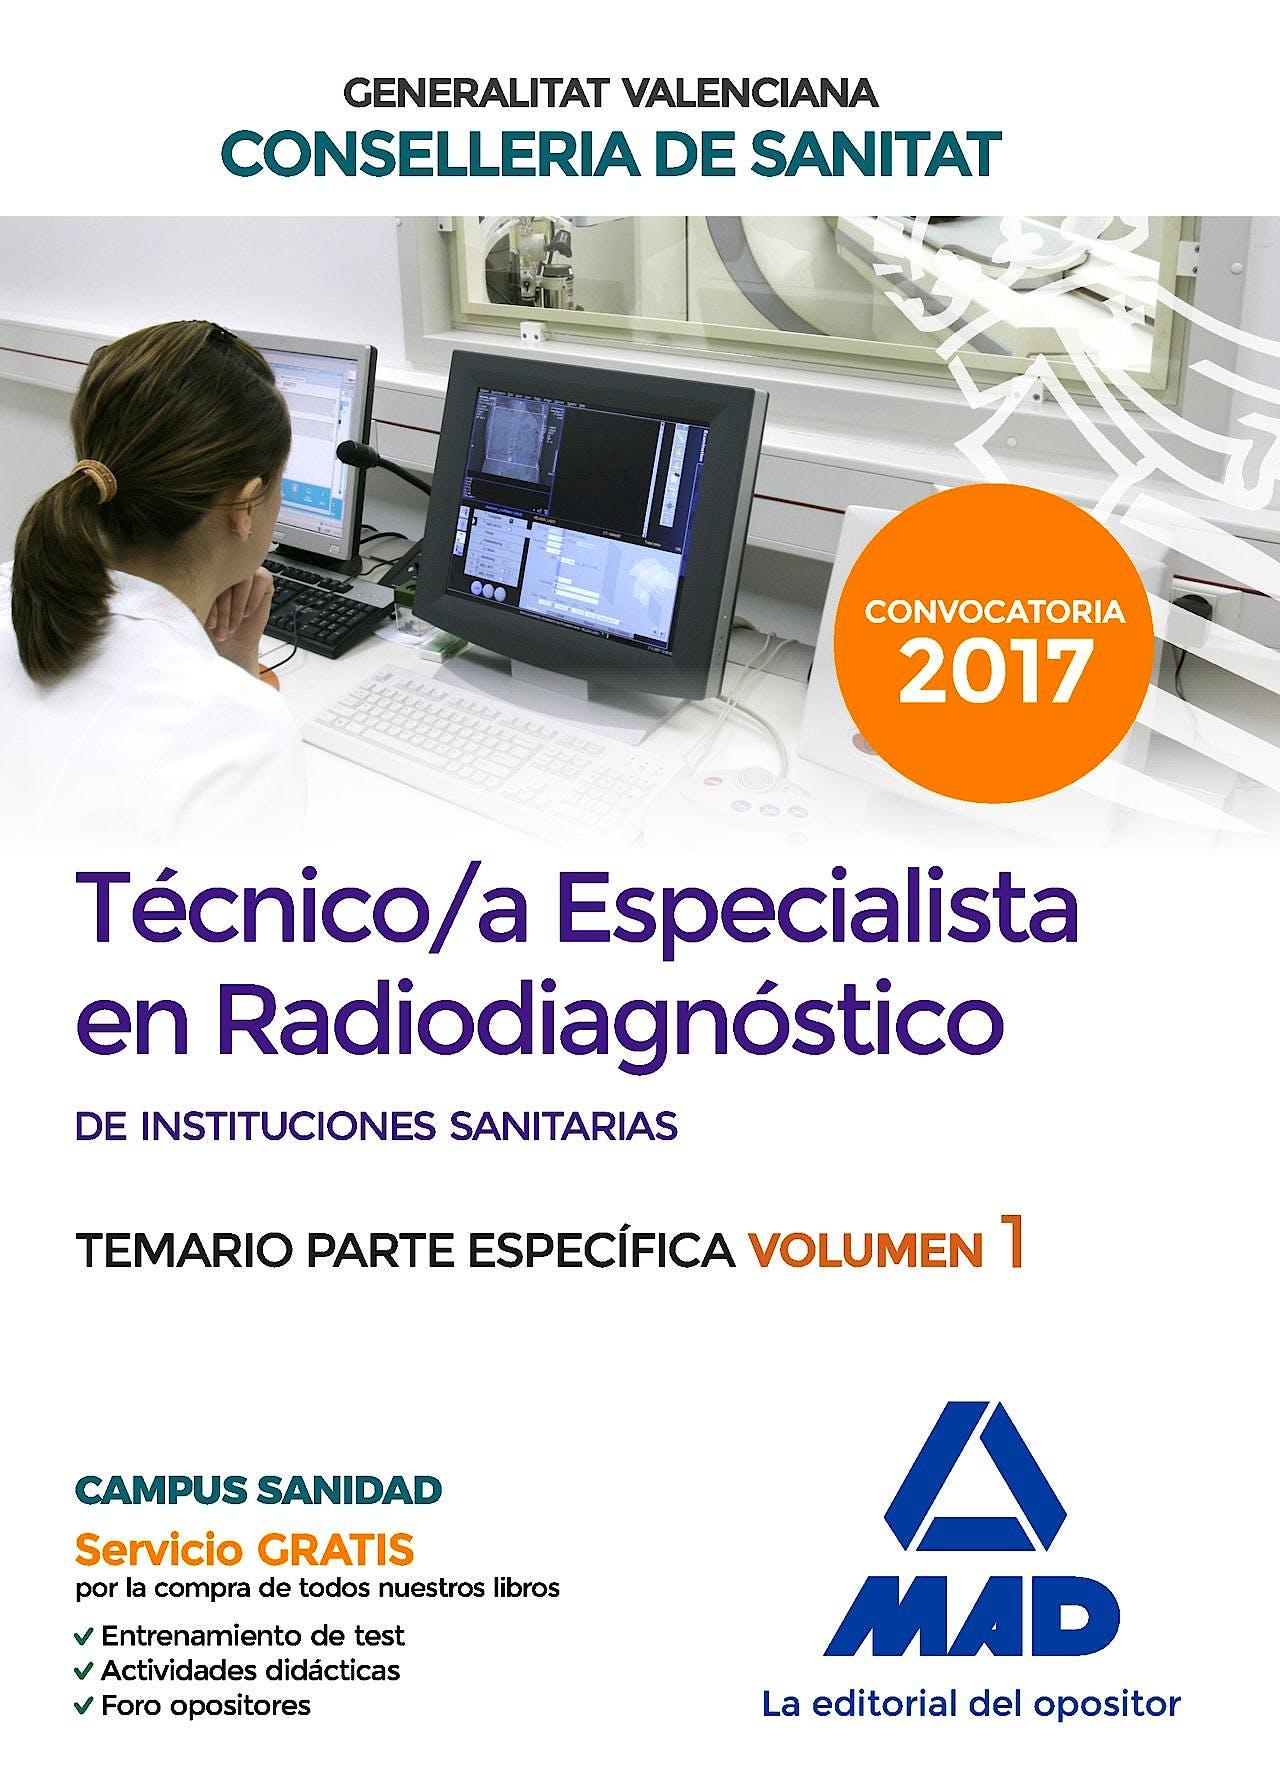 Portada del libro 9788414208434 Técnico/a Especialista en Radiodiagnóstico de Instituciones Sanitarias Generalitat Valenciana Conselleria de Sanitat. Temario Parte Específica, Vol. 1